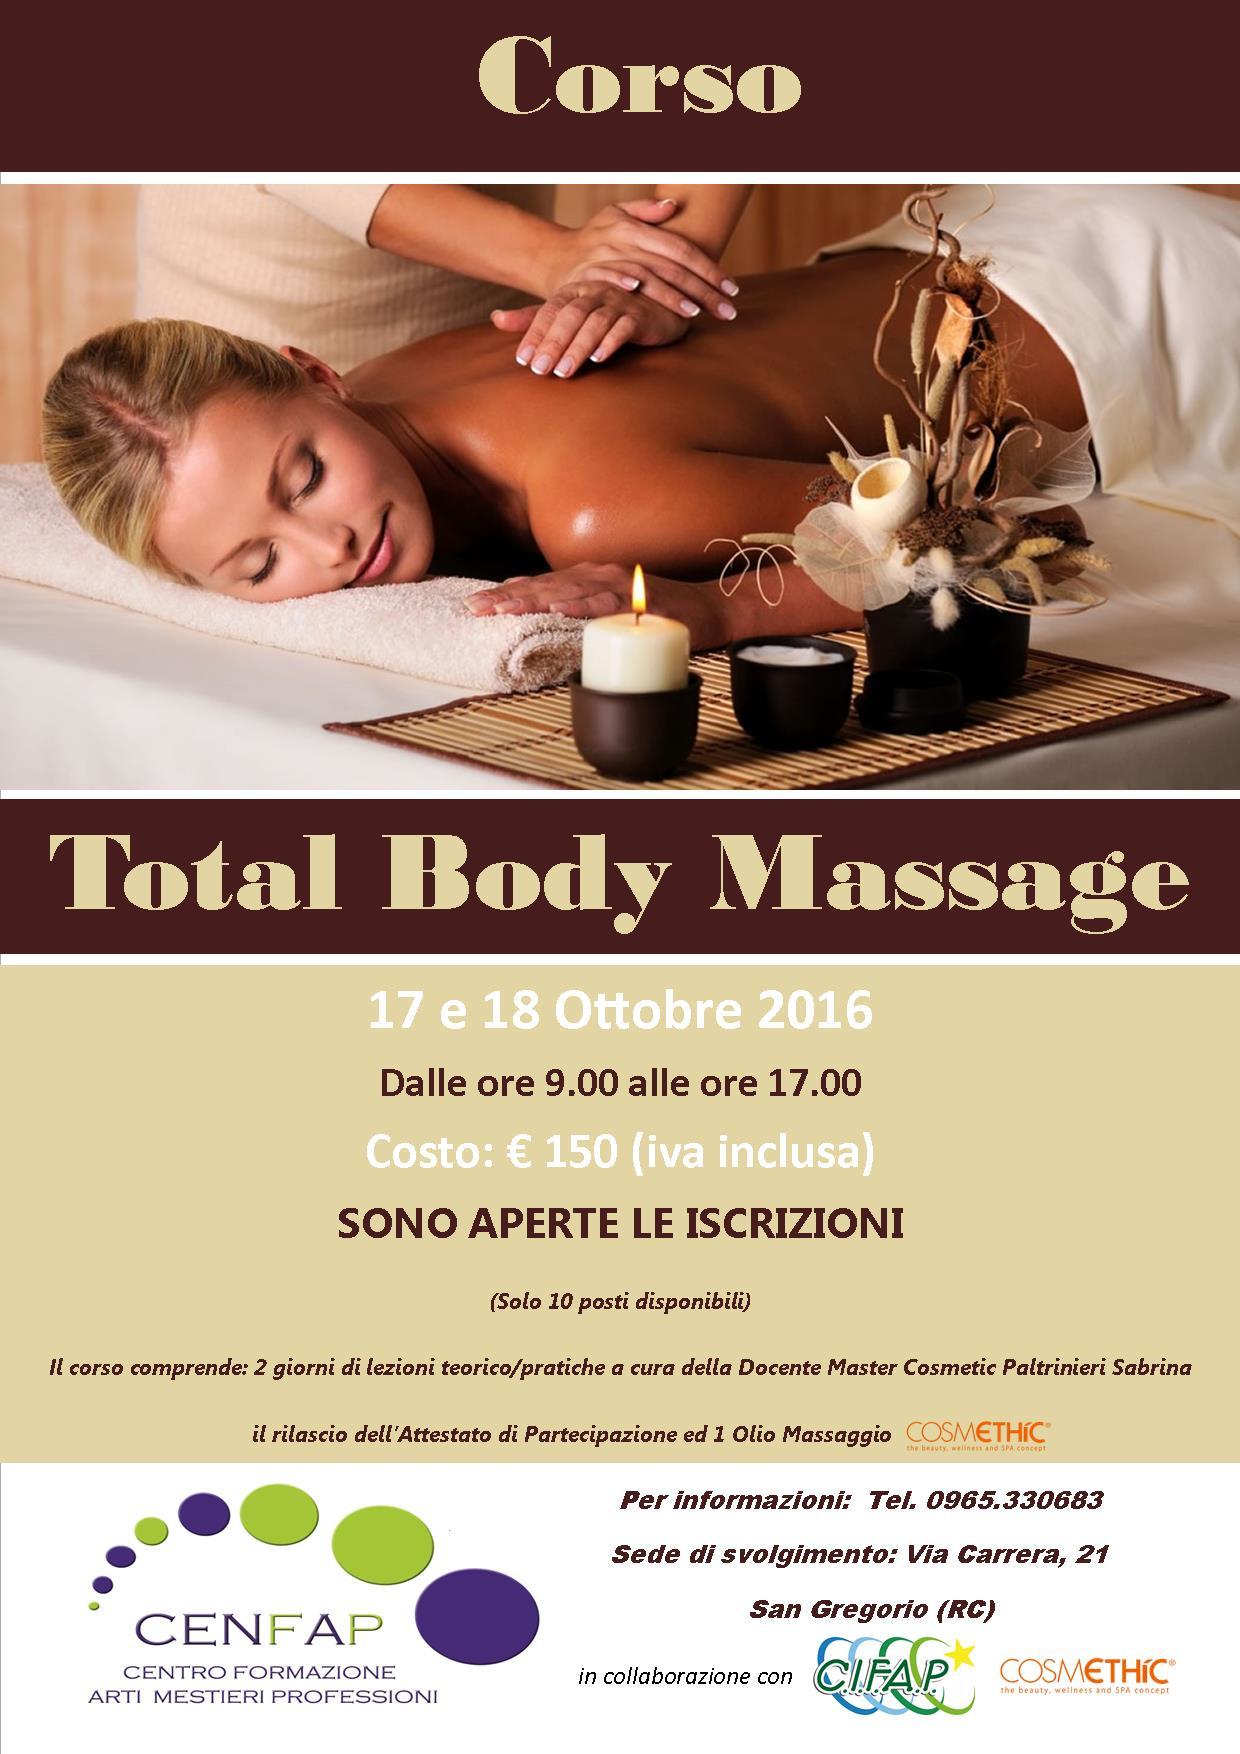 corso-total-body-massage-ottobre-2016